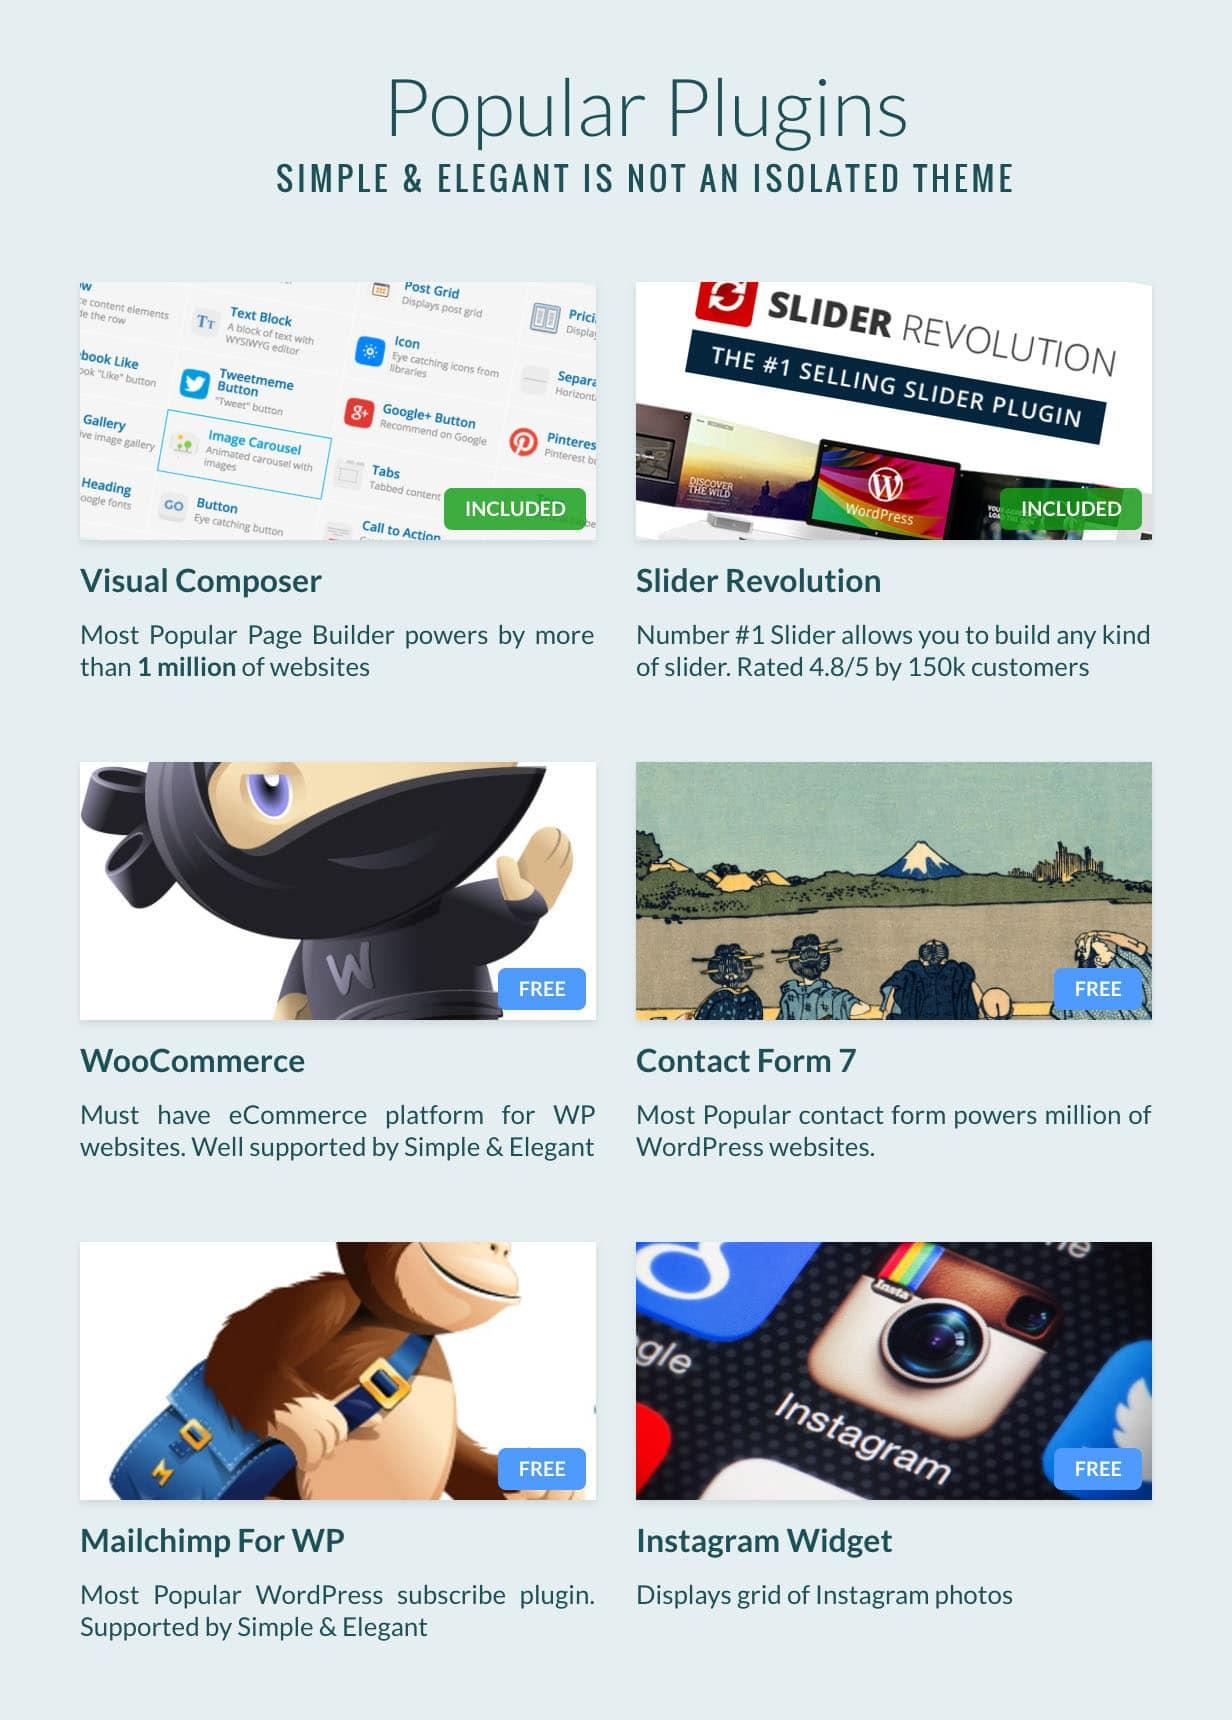 687474703a2f2f73696d706c652d656c6567616e742e77697468656d65732e636f6d2f6465736372697074696f6e2f77702d636f6e74656e742f75706c6f6164732f73697465732f342f323031362f31312f706c7567696e732e6a7067 - Simple & Elegant - Multi-Purpose WordPress Theme